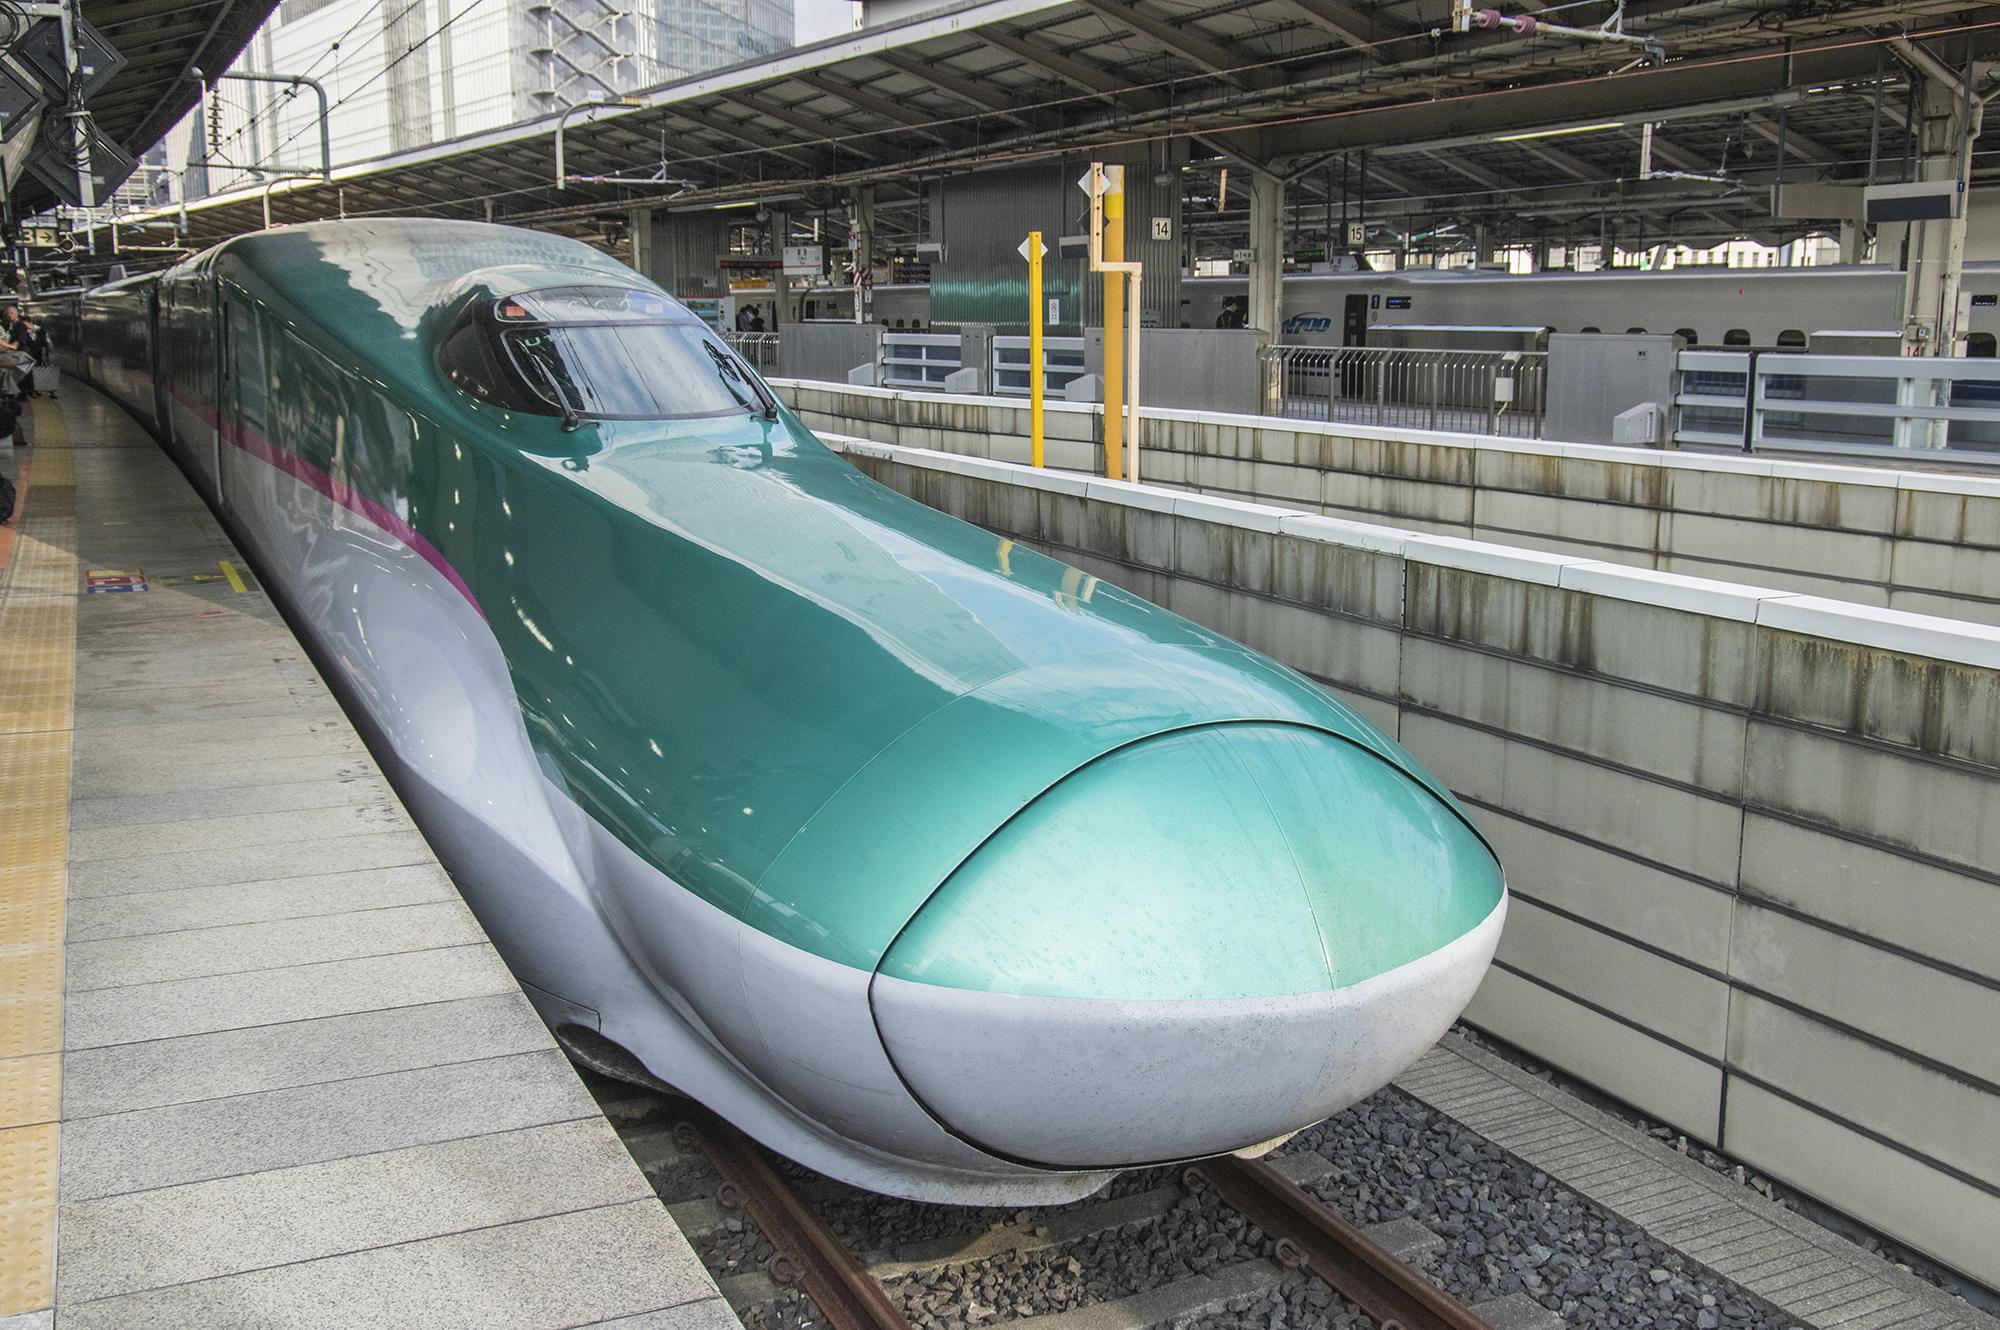 金券ショップより安い格安切符も!東北新幹線に格安で乗る方法をご紹介